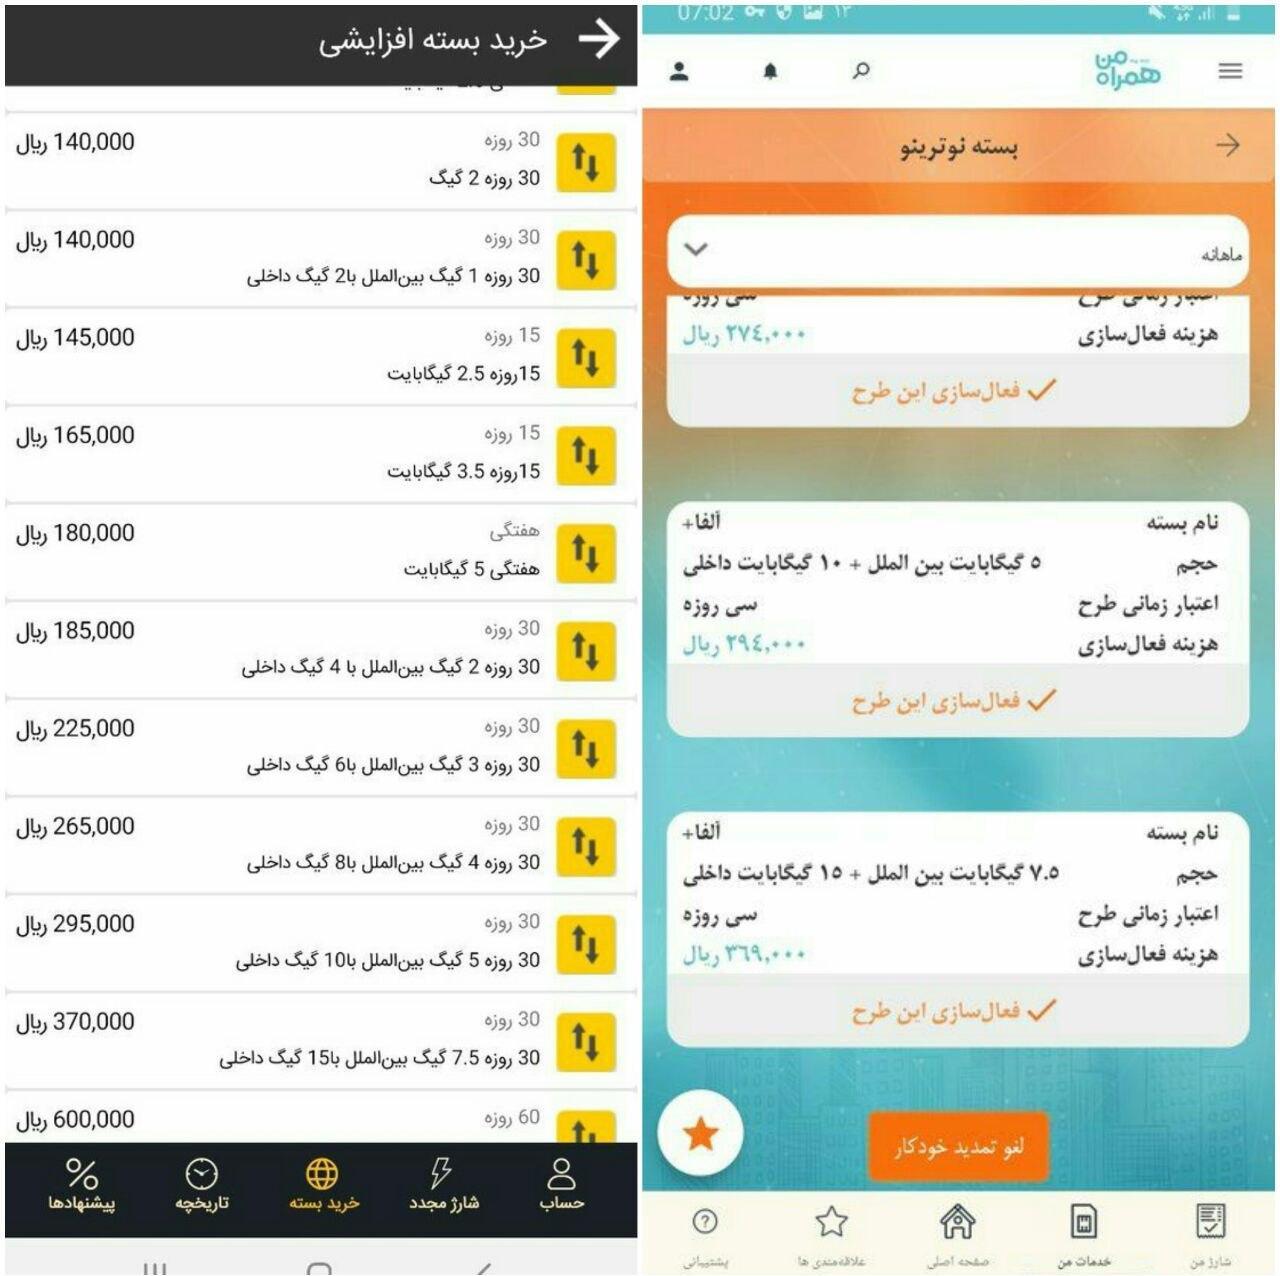 واکنش وزارت ارتباطات به افزایش قیمت اینترنت موبایل